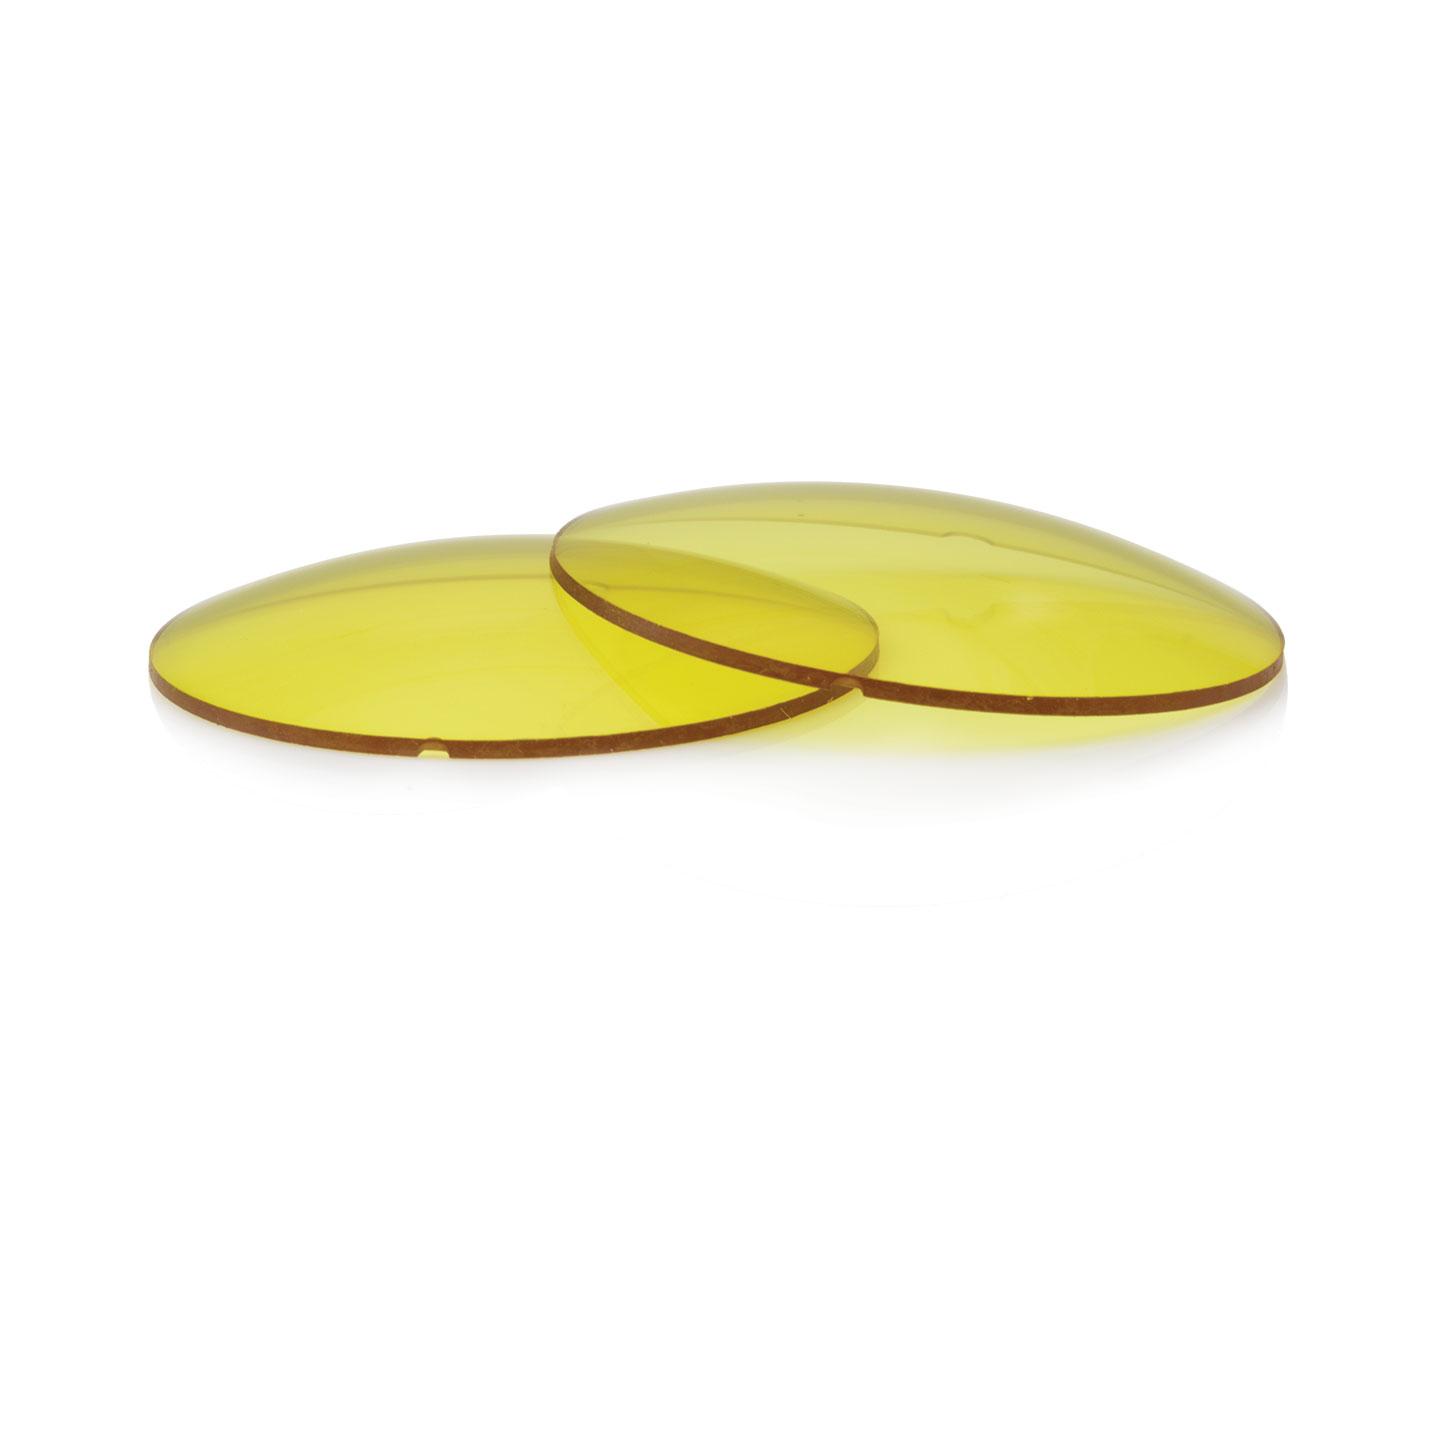 Lentilles jaunes UV400 CR39 – 25% obscurité